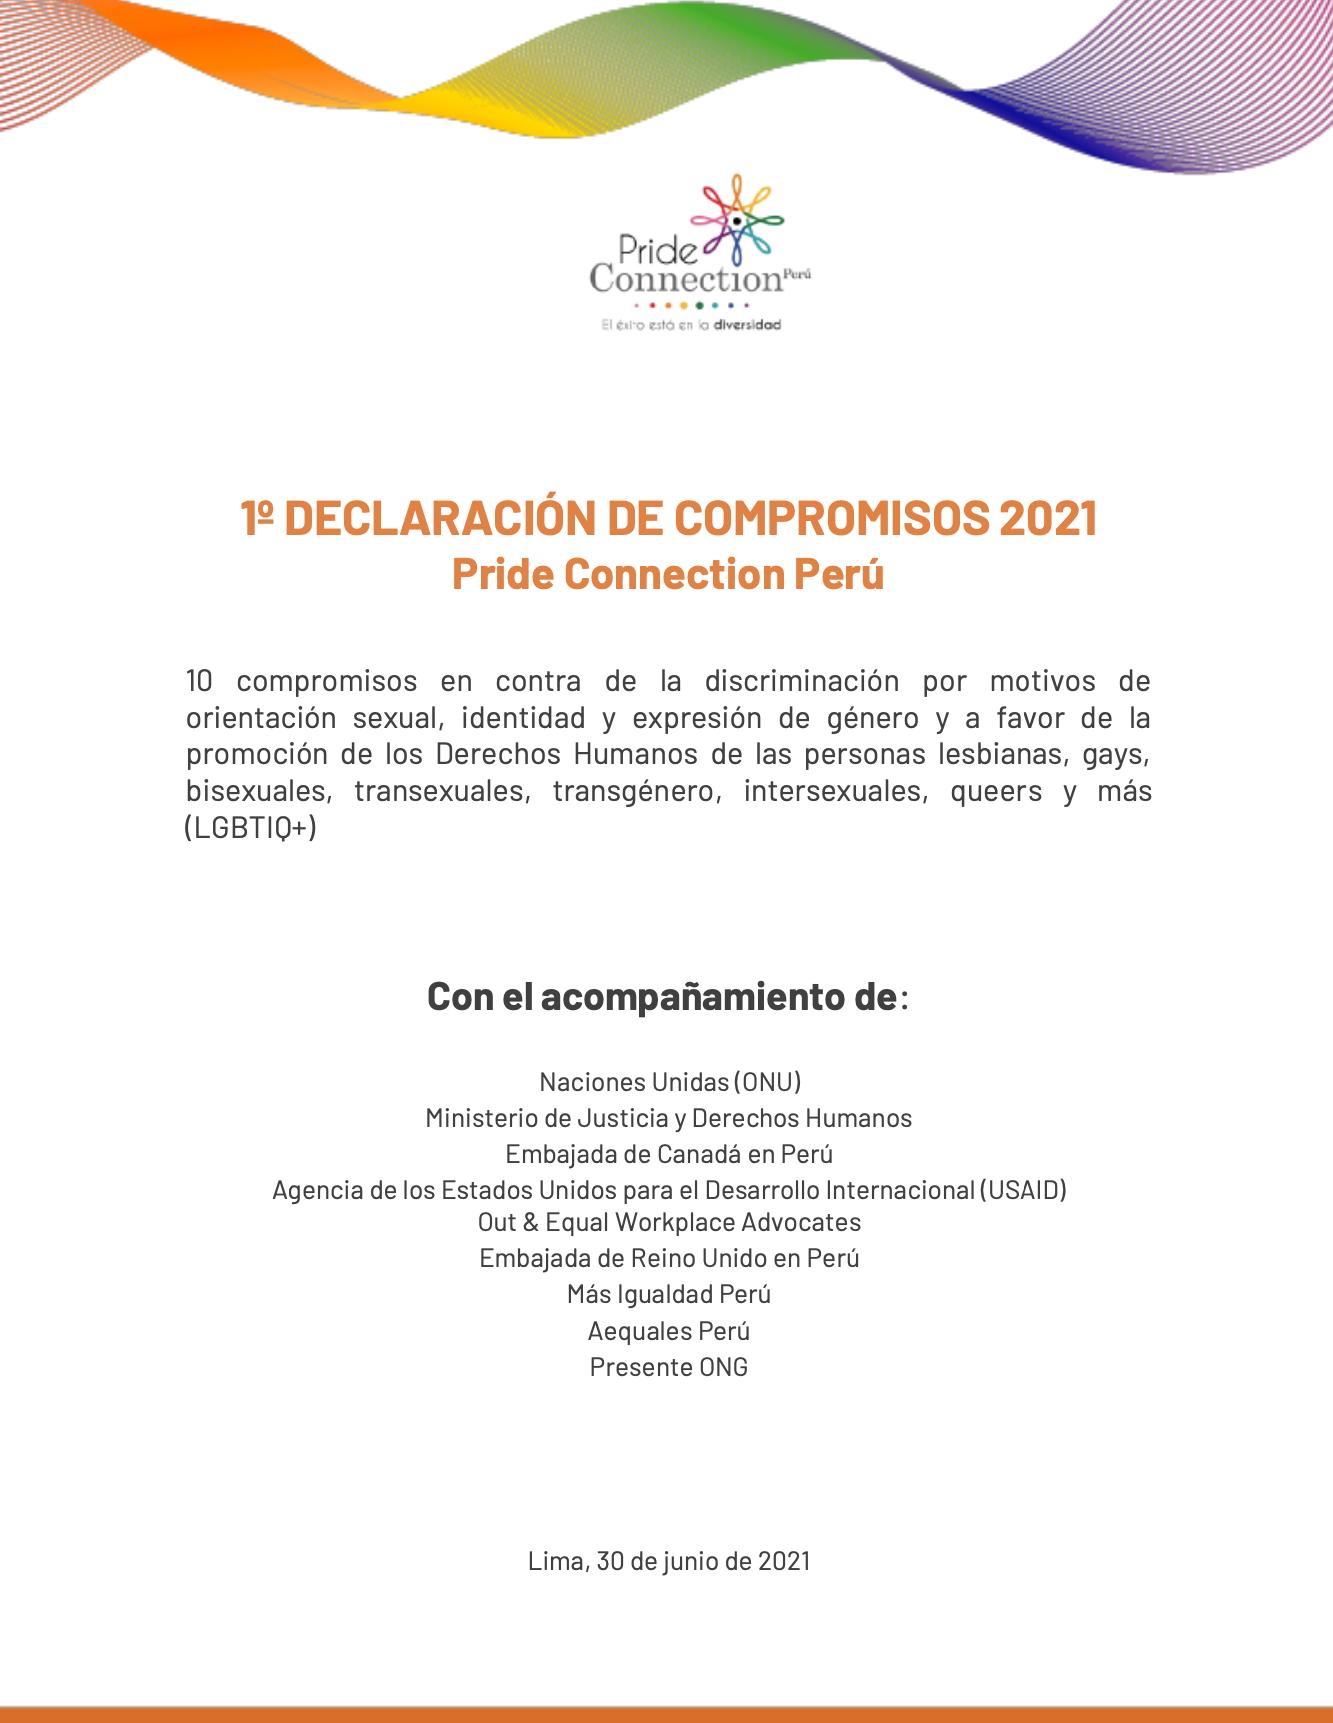 Primera Declaración de Compromisos Pride Connection Perú 2021